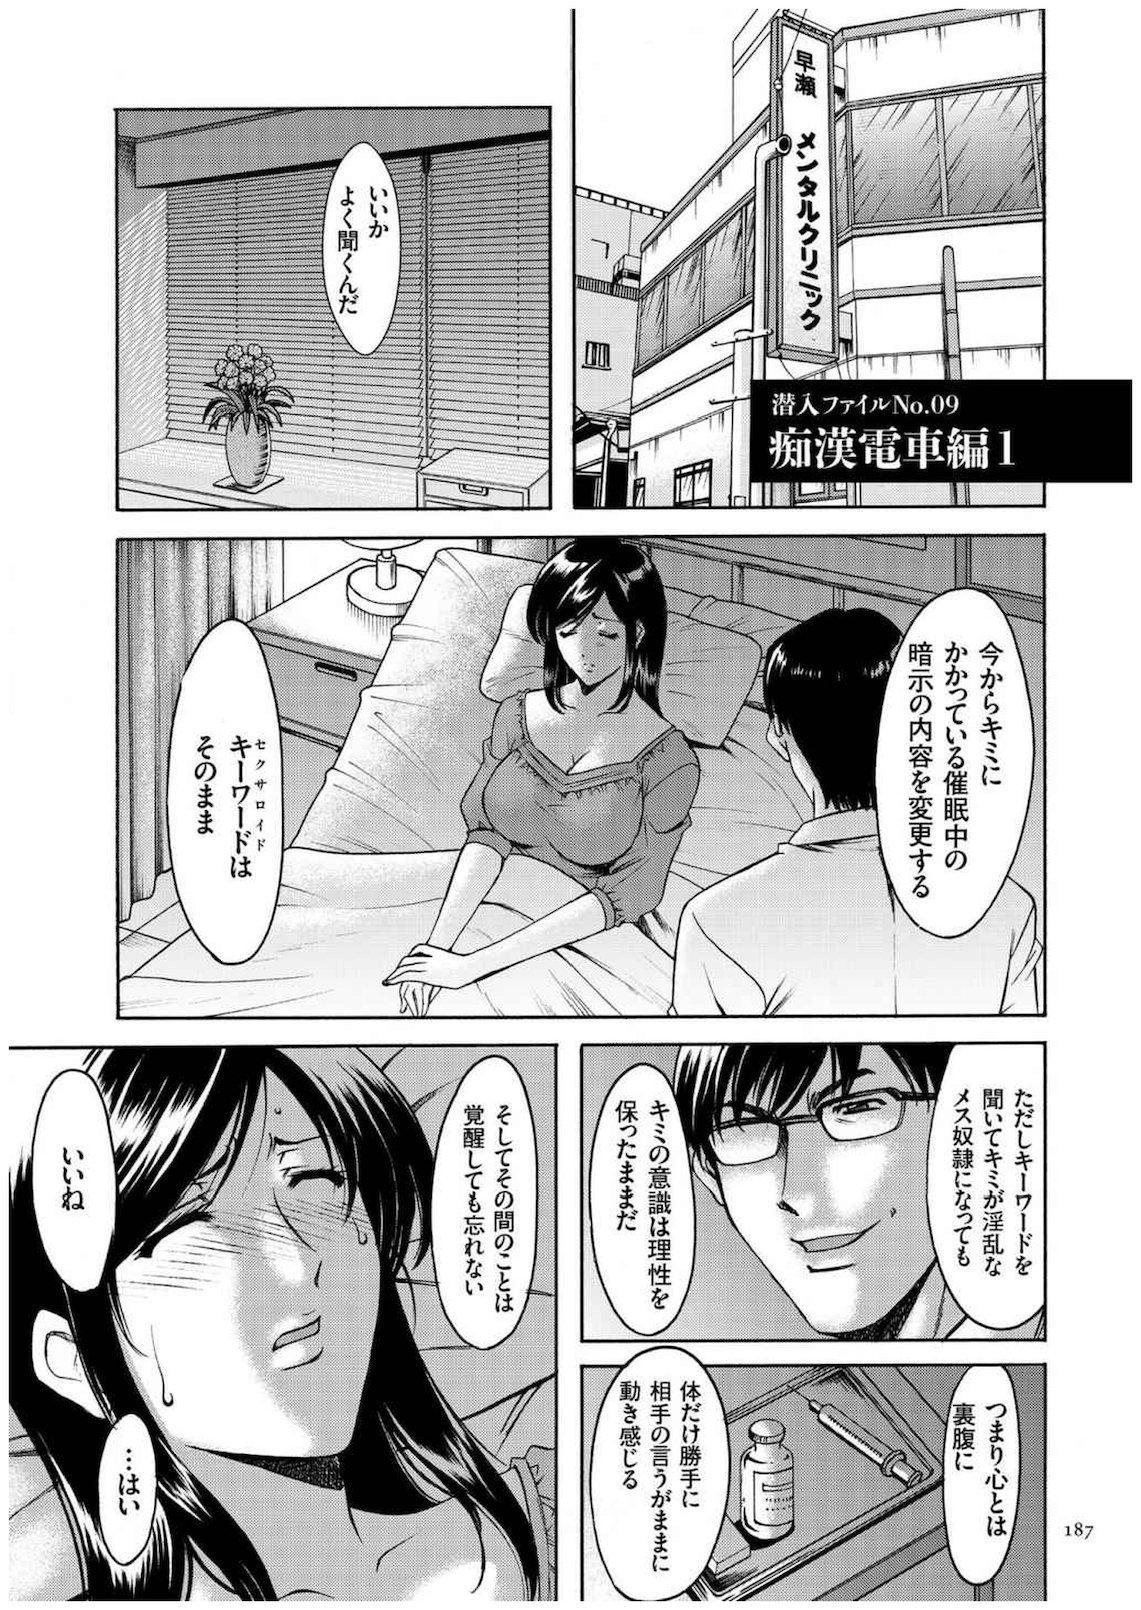 Sennyu Tsuma Satomi Kiroku 185